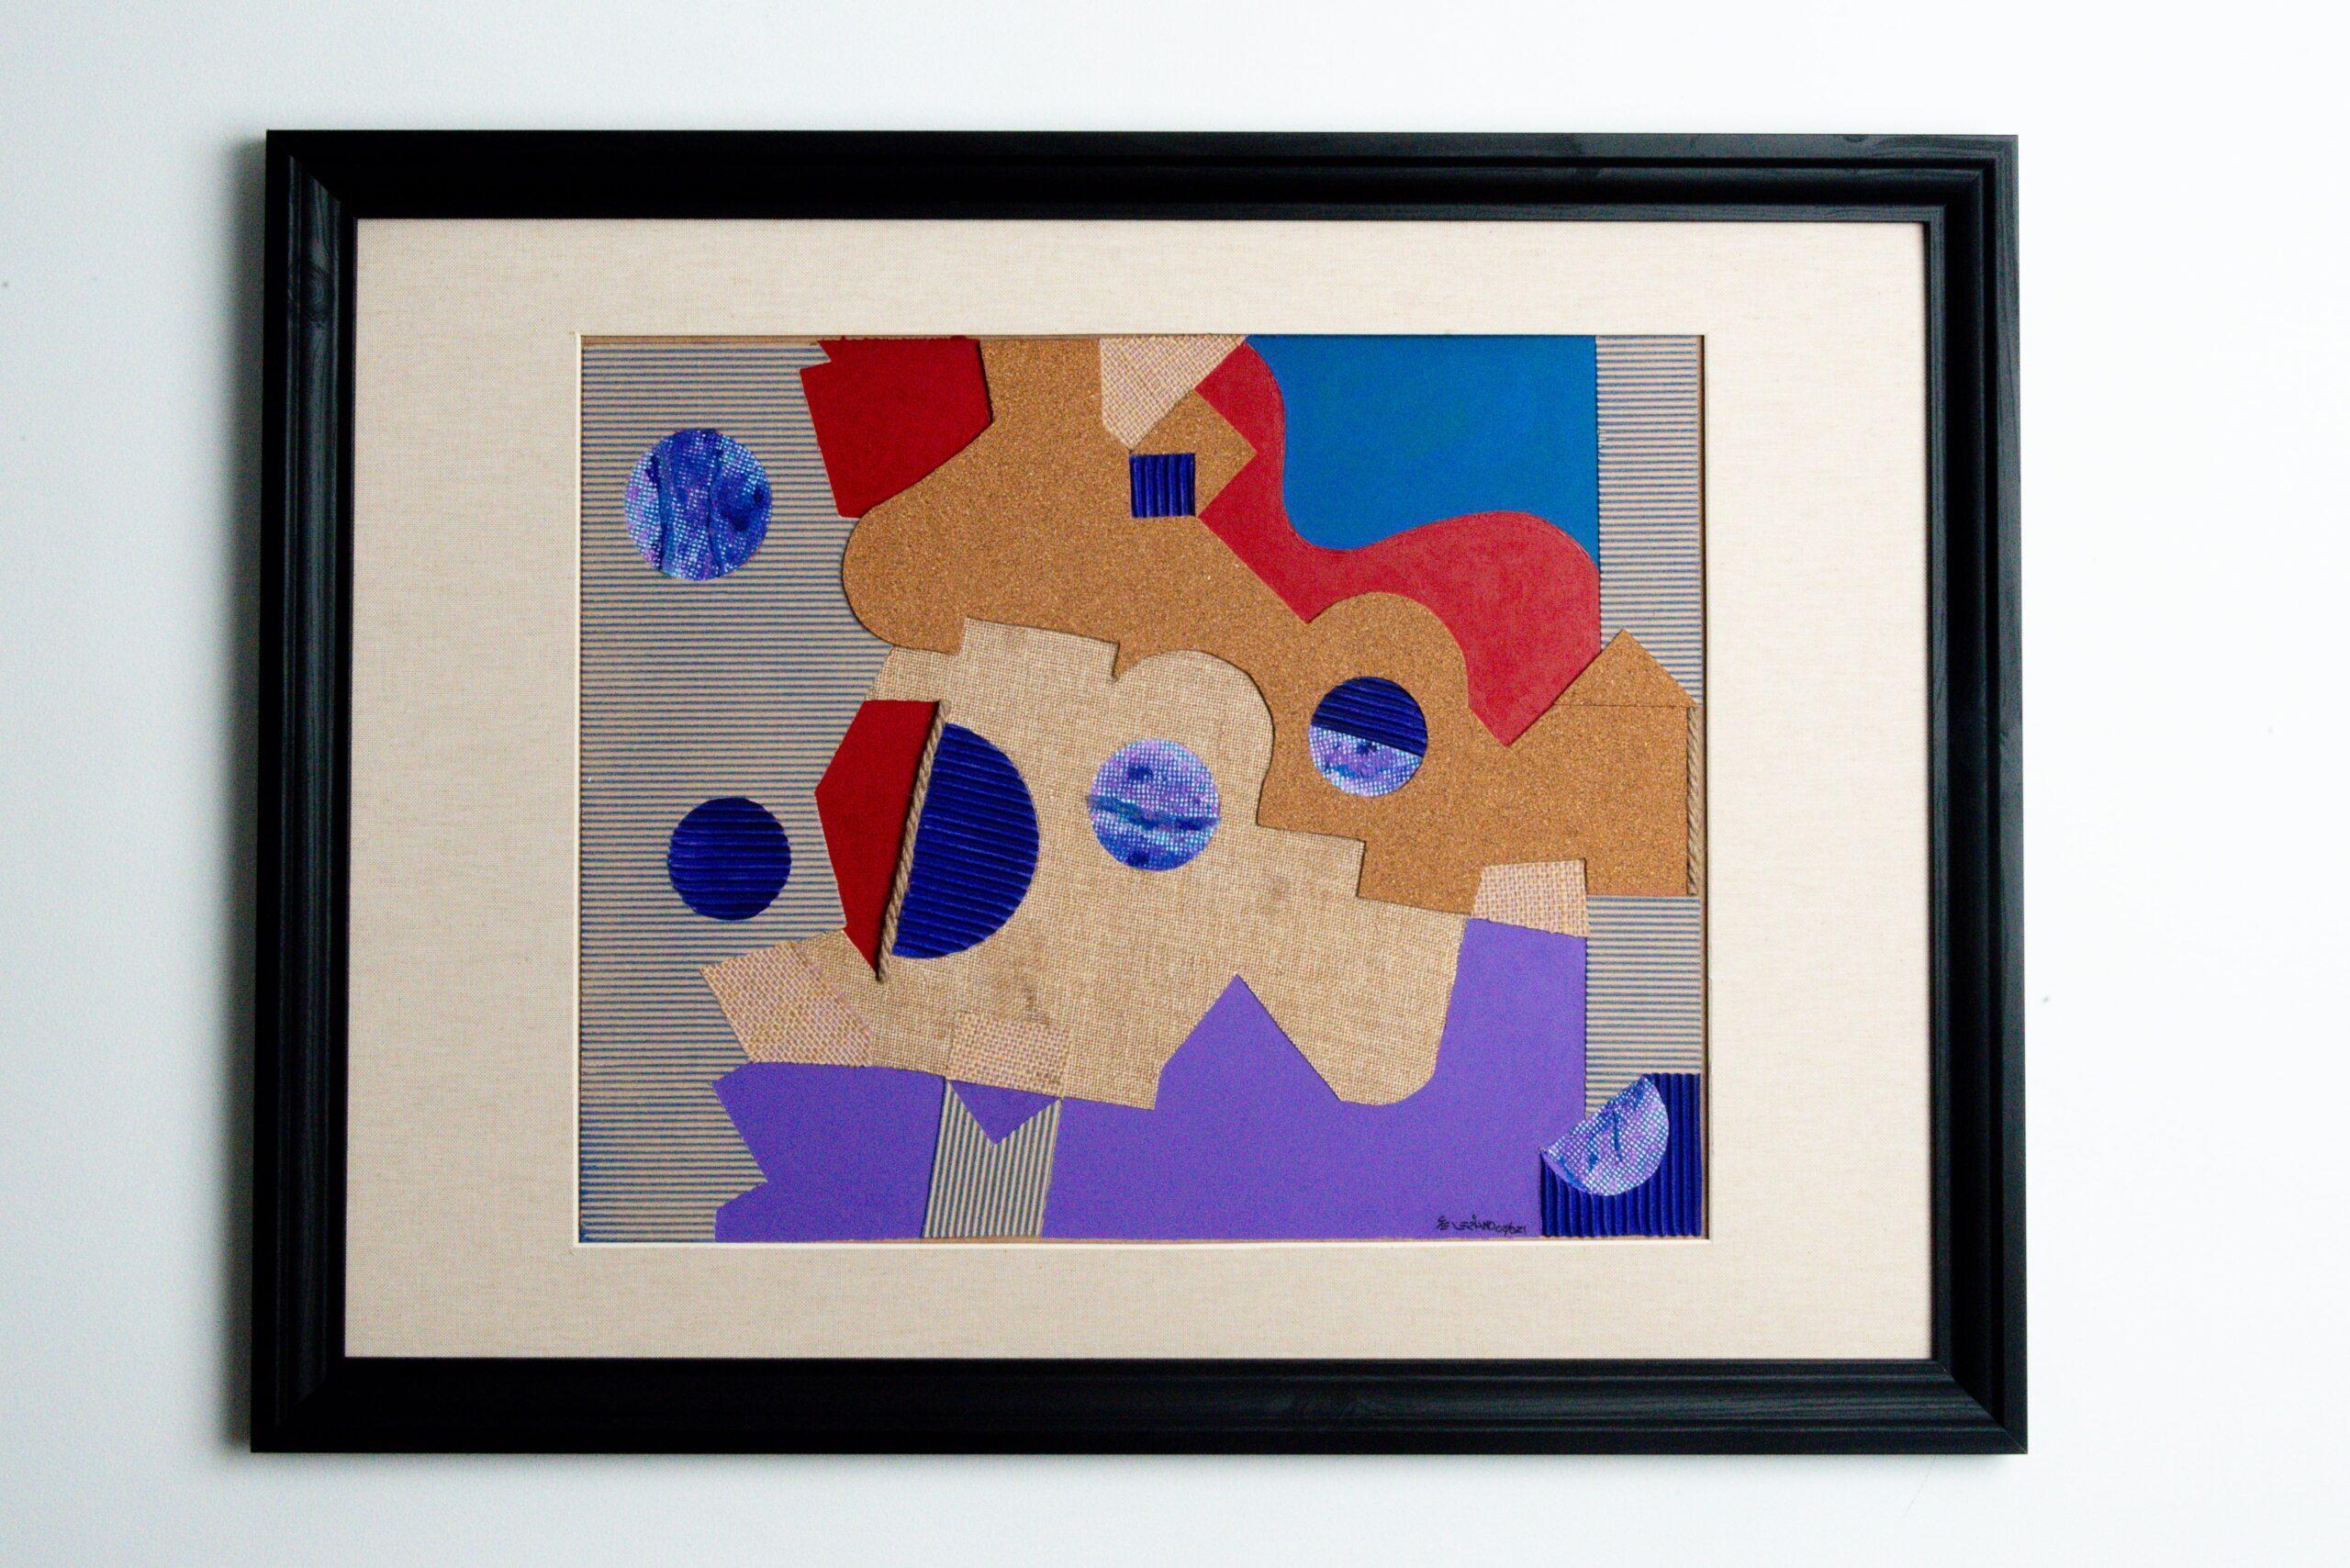 Obras de Arte e Quadros de José Severiano Alvorada